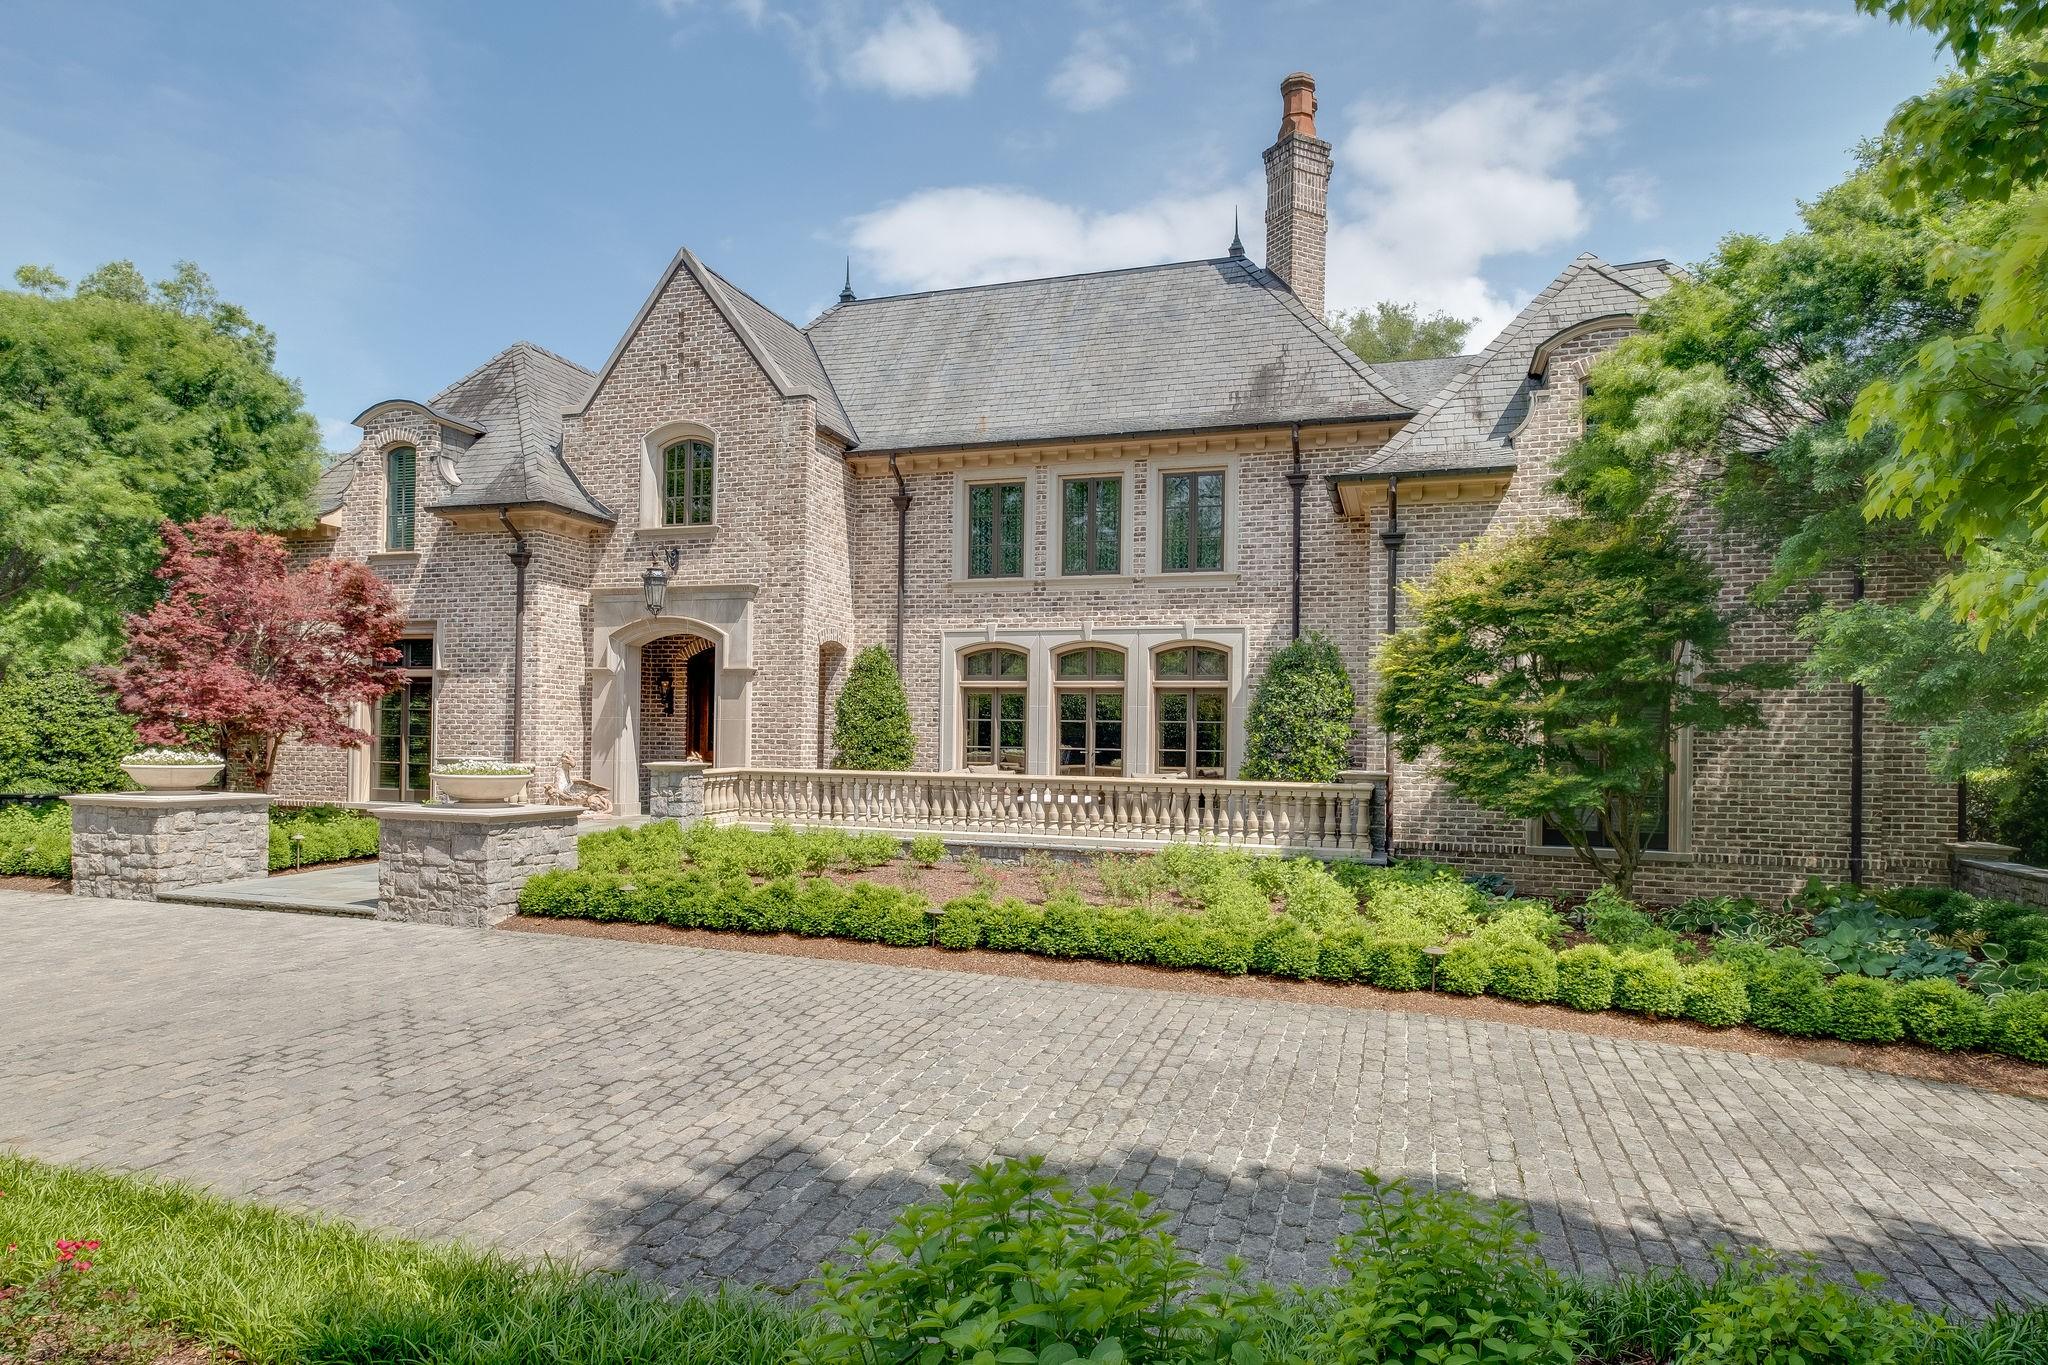 1206 Belle Meade Blvd, Nashville, TN 37205 - Nashville, TN real estate listing